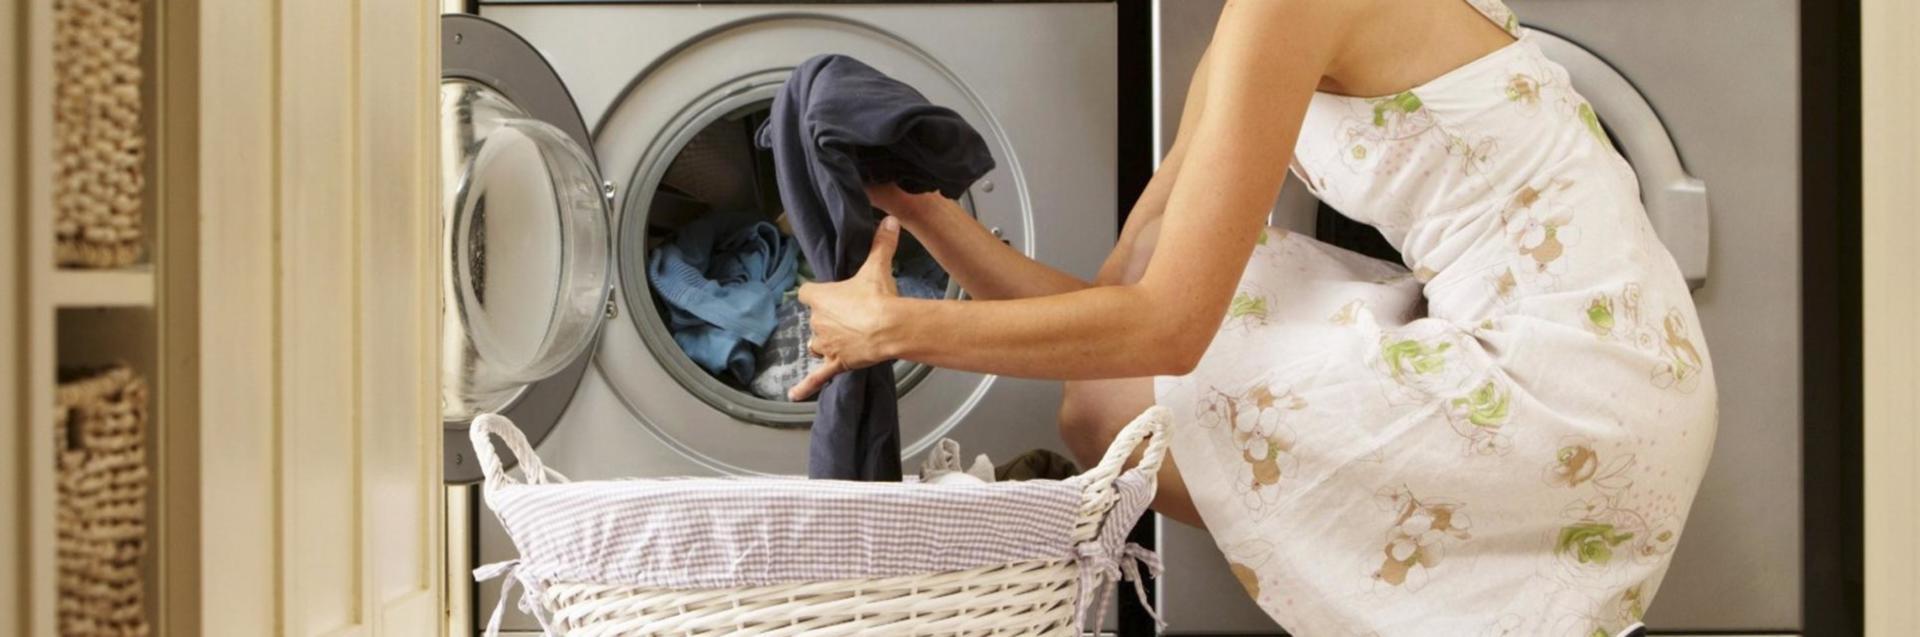 Servicio técnico lavadoras candy